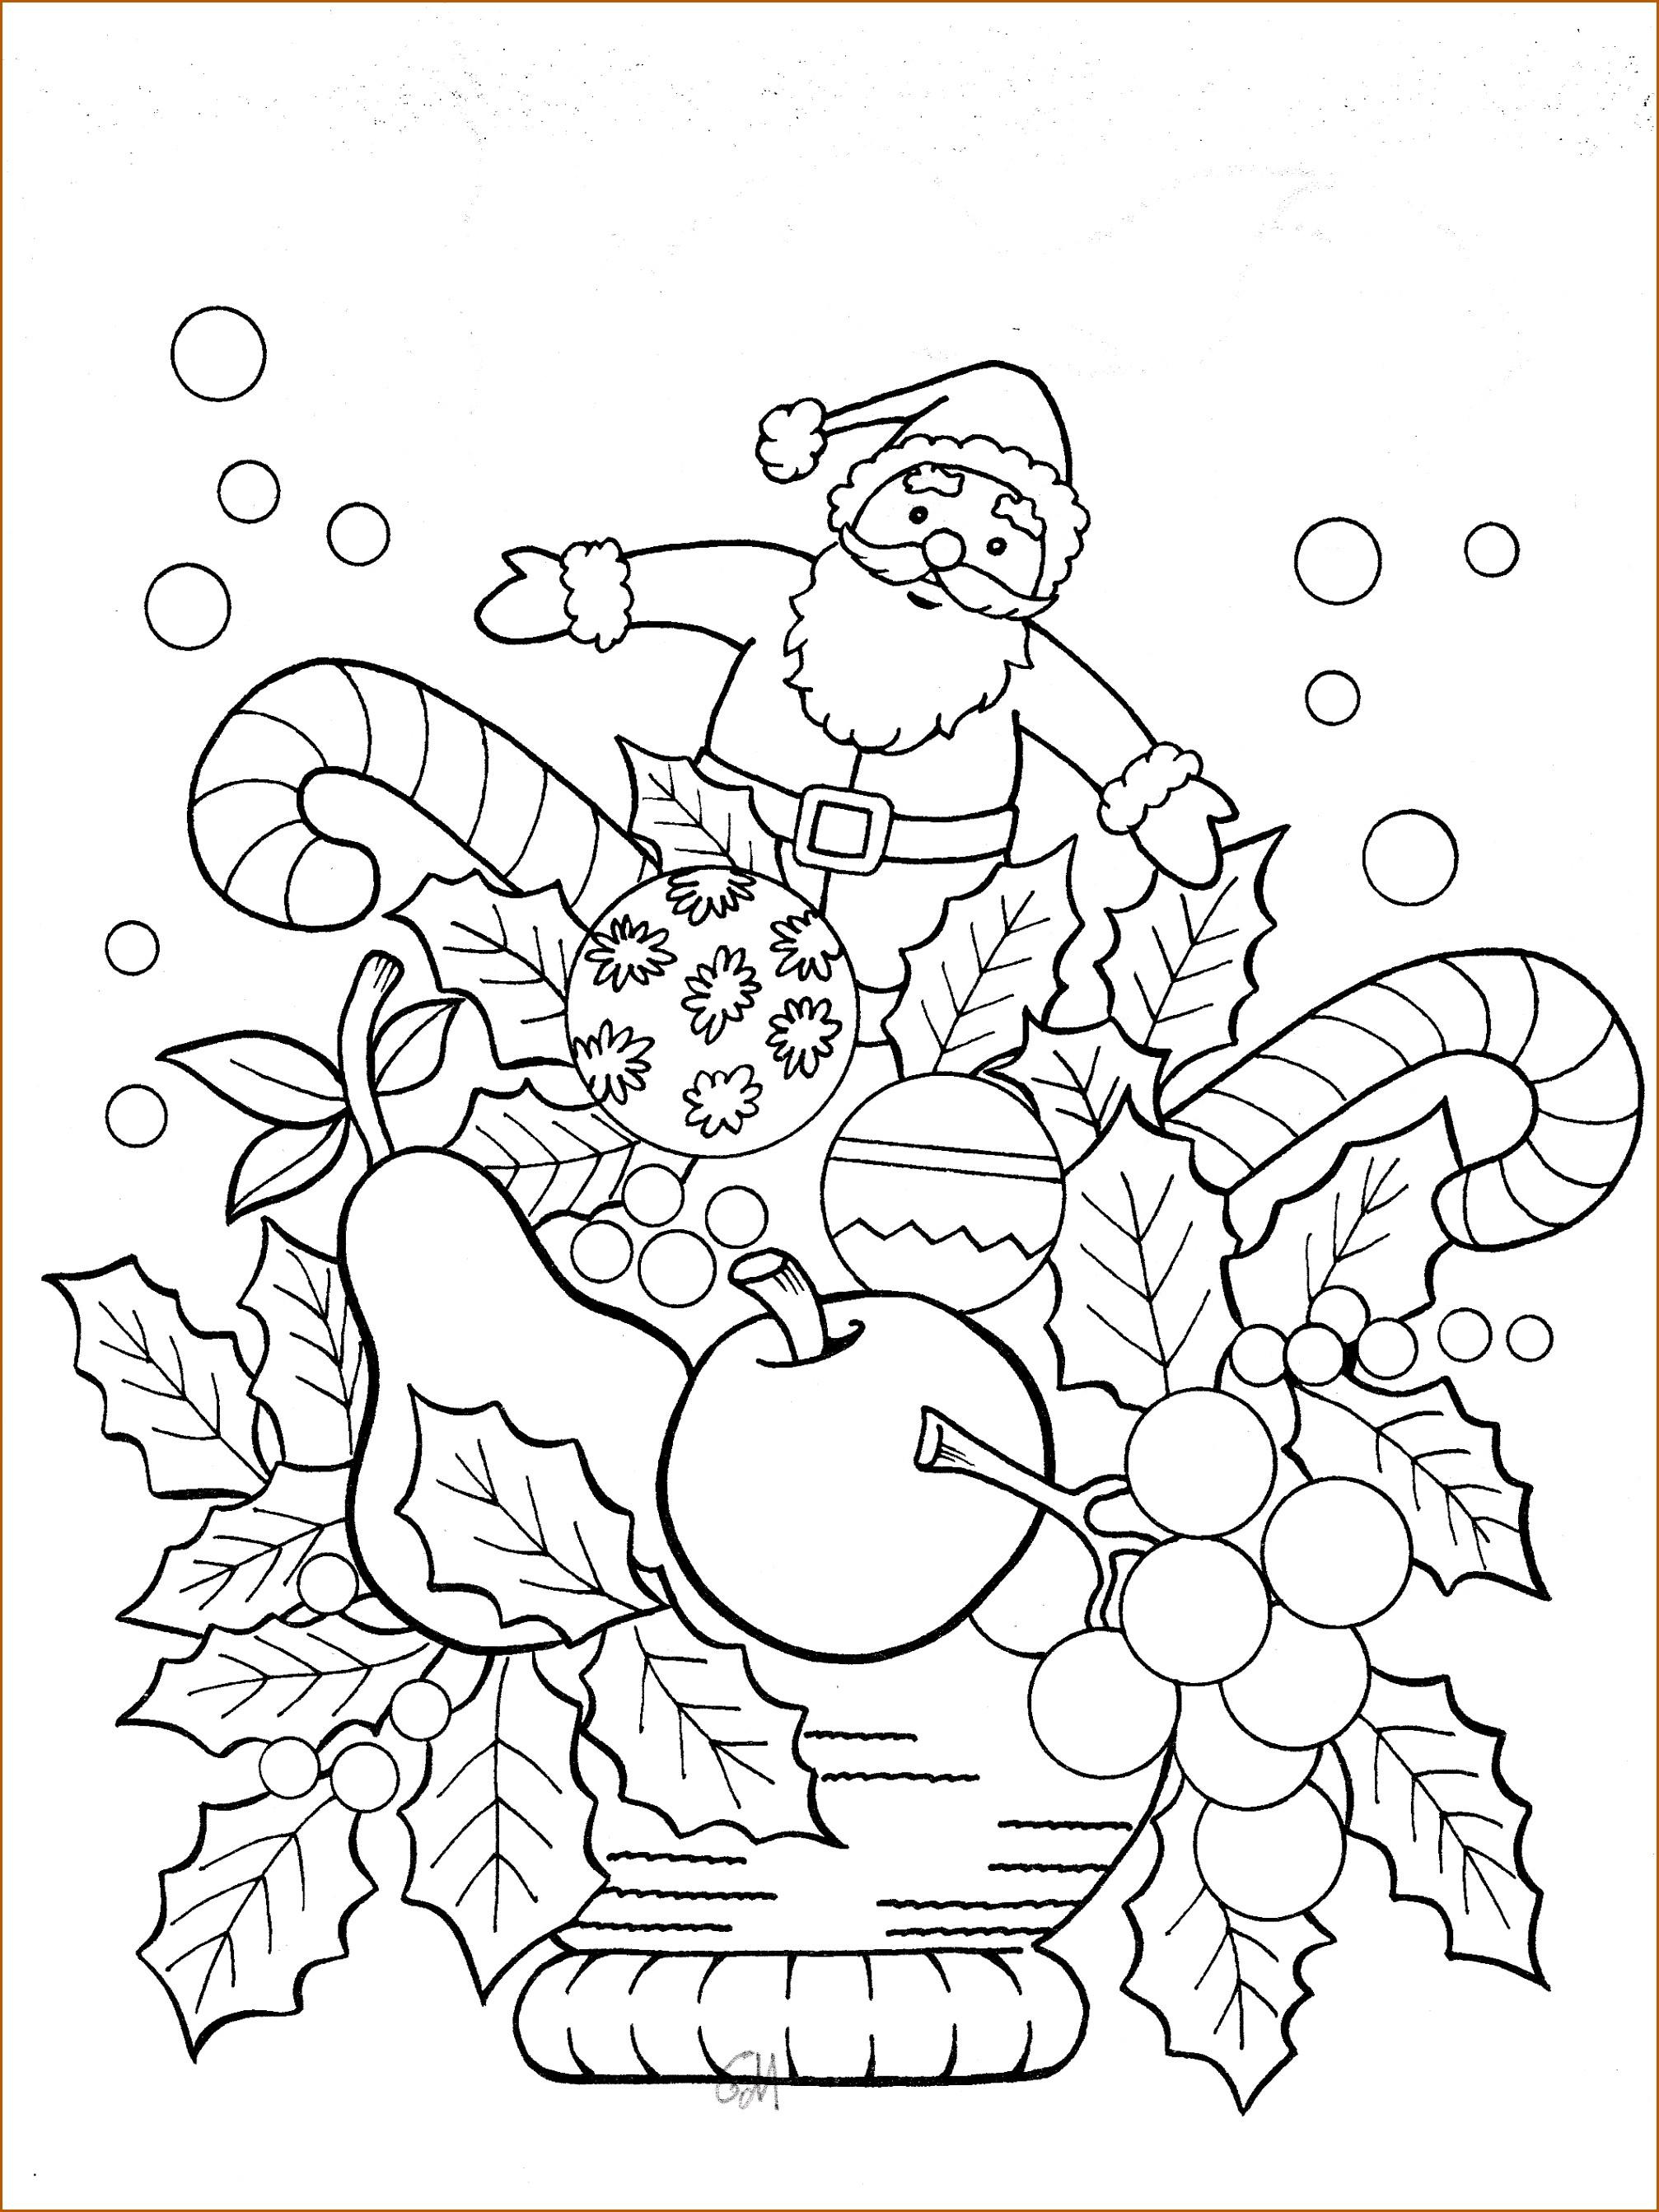 Ausmalbilder Für Weihnachten Zum Ausdrucken Neu 8 Drucken Von Malvorlagen Für Kinder Vorlagen123 Vorlagen123 Galerie